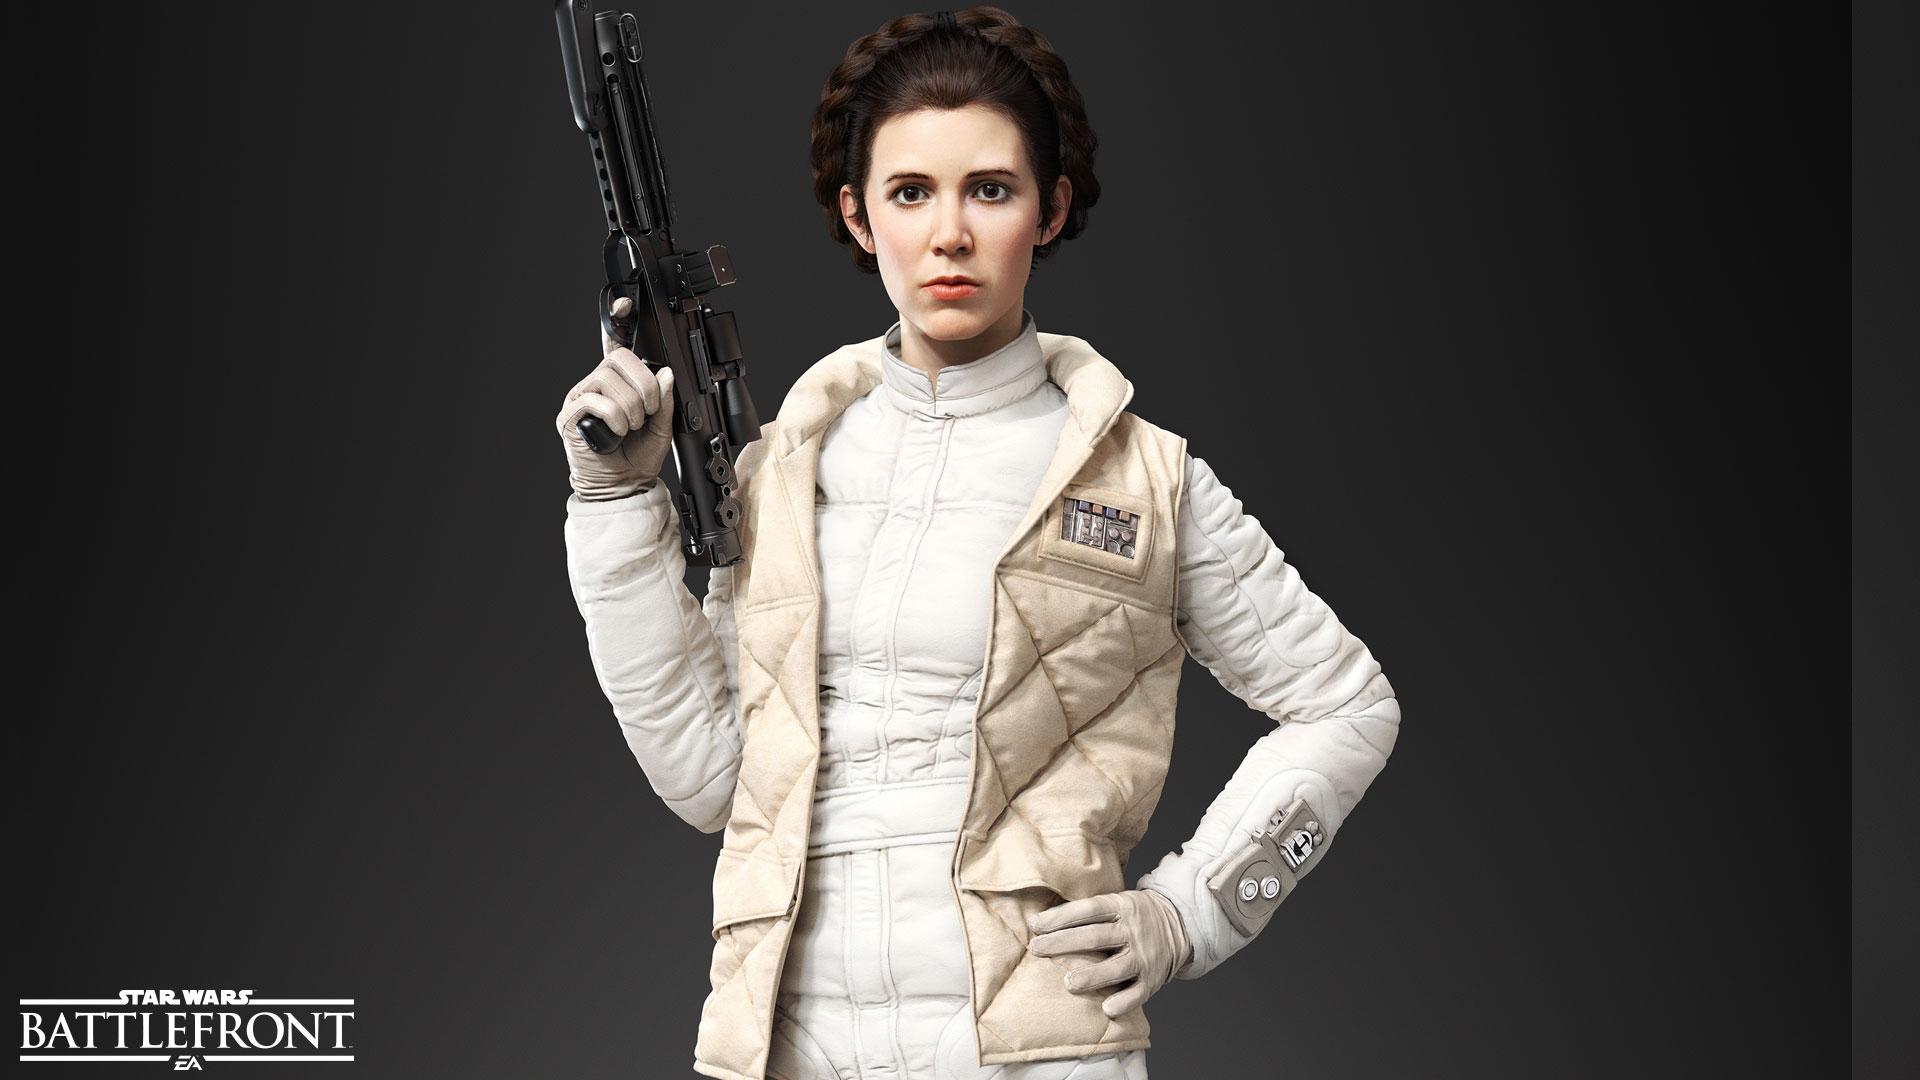 Ve Star Wars: Battlefront se opravdu objeví Han Solo, Leia Organa a císař Palpatine 115256